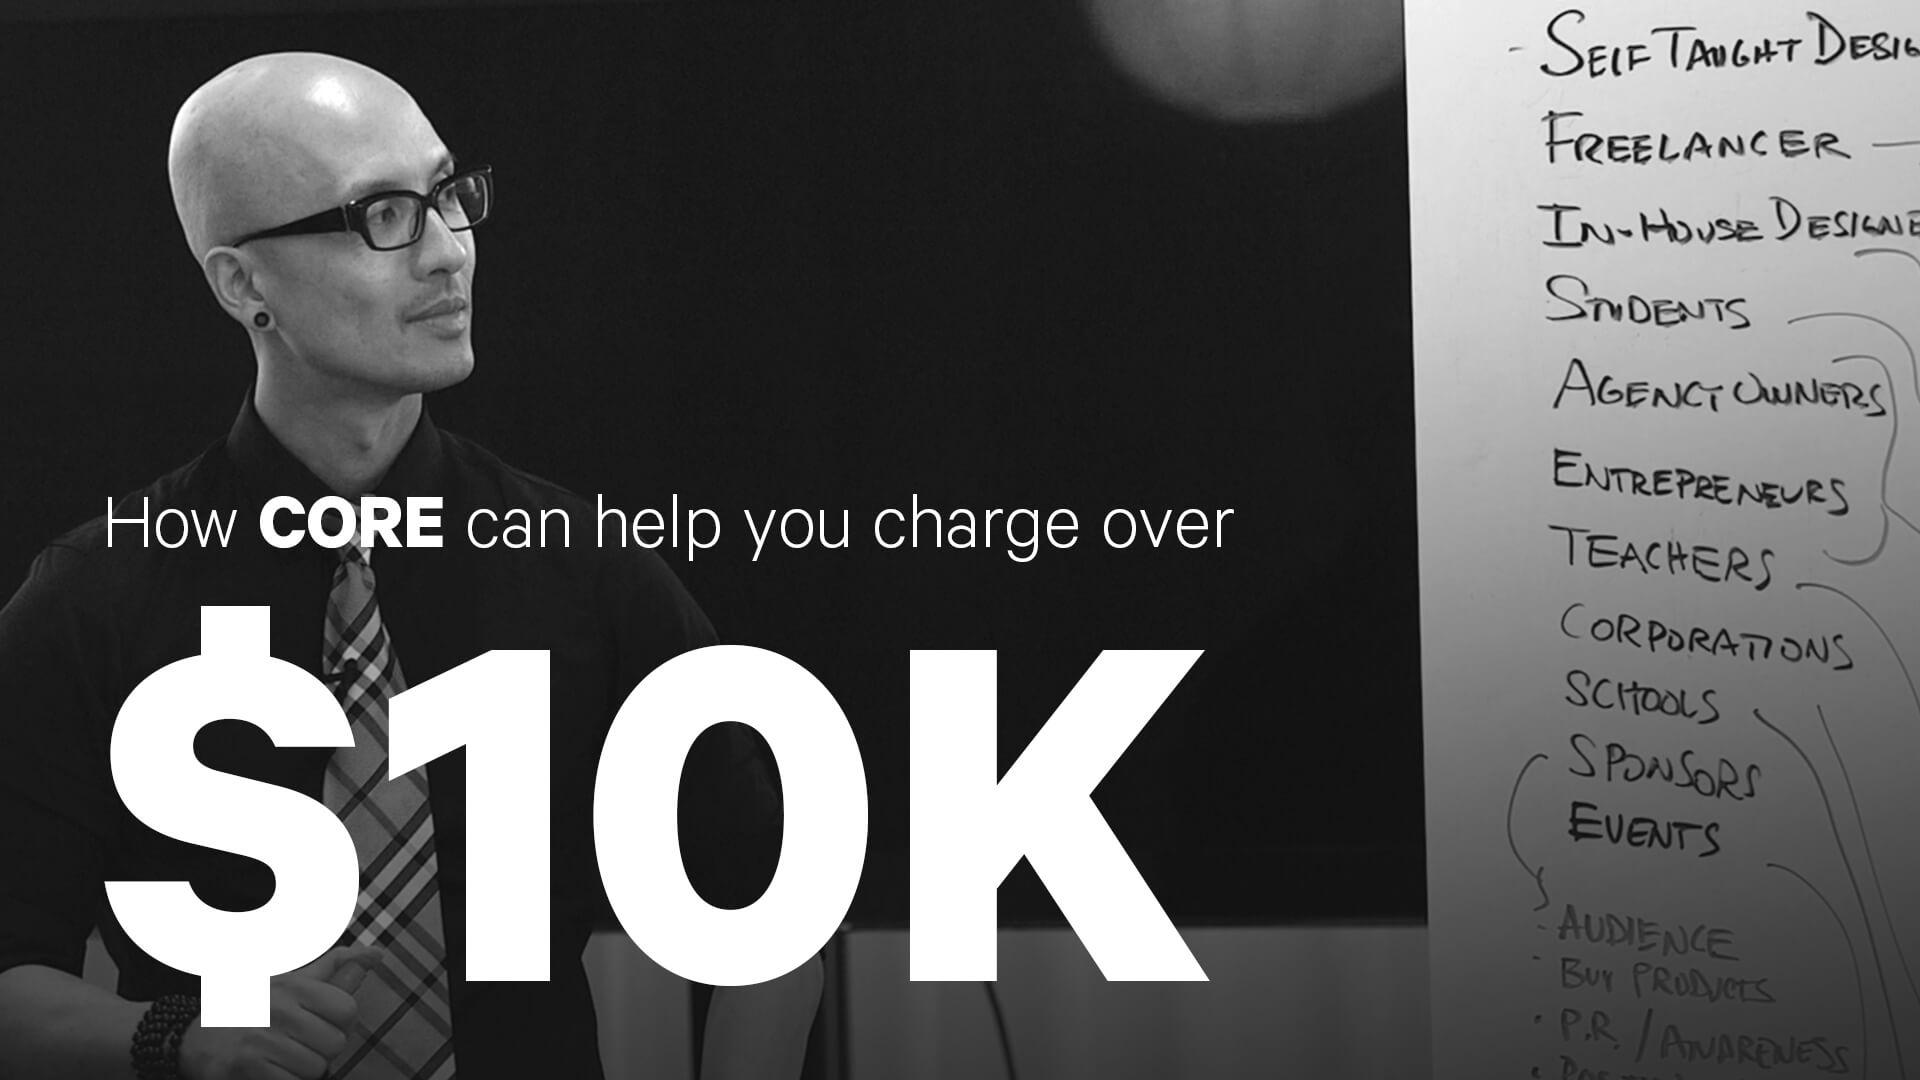 核心如何帮助您收取超过10万美元的发现